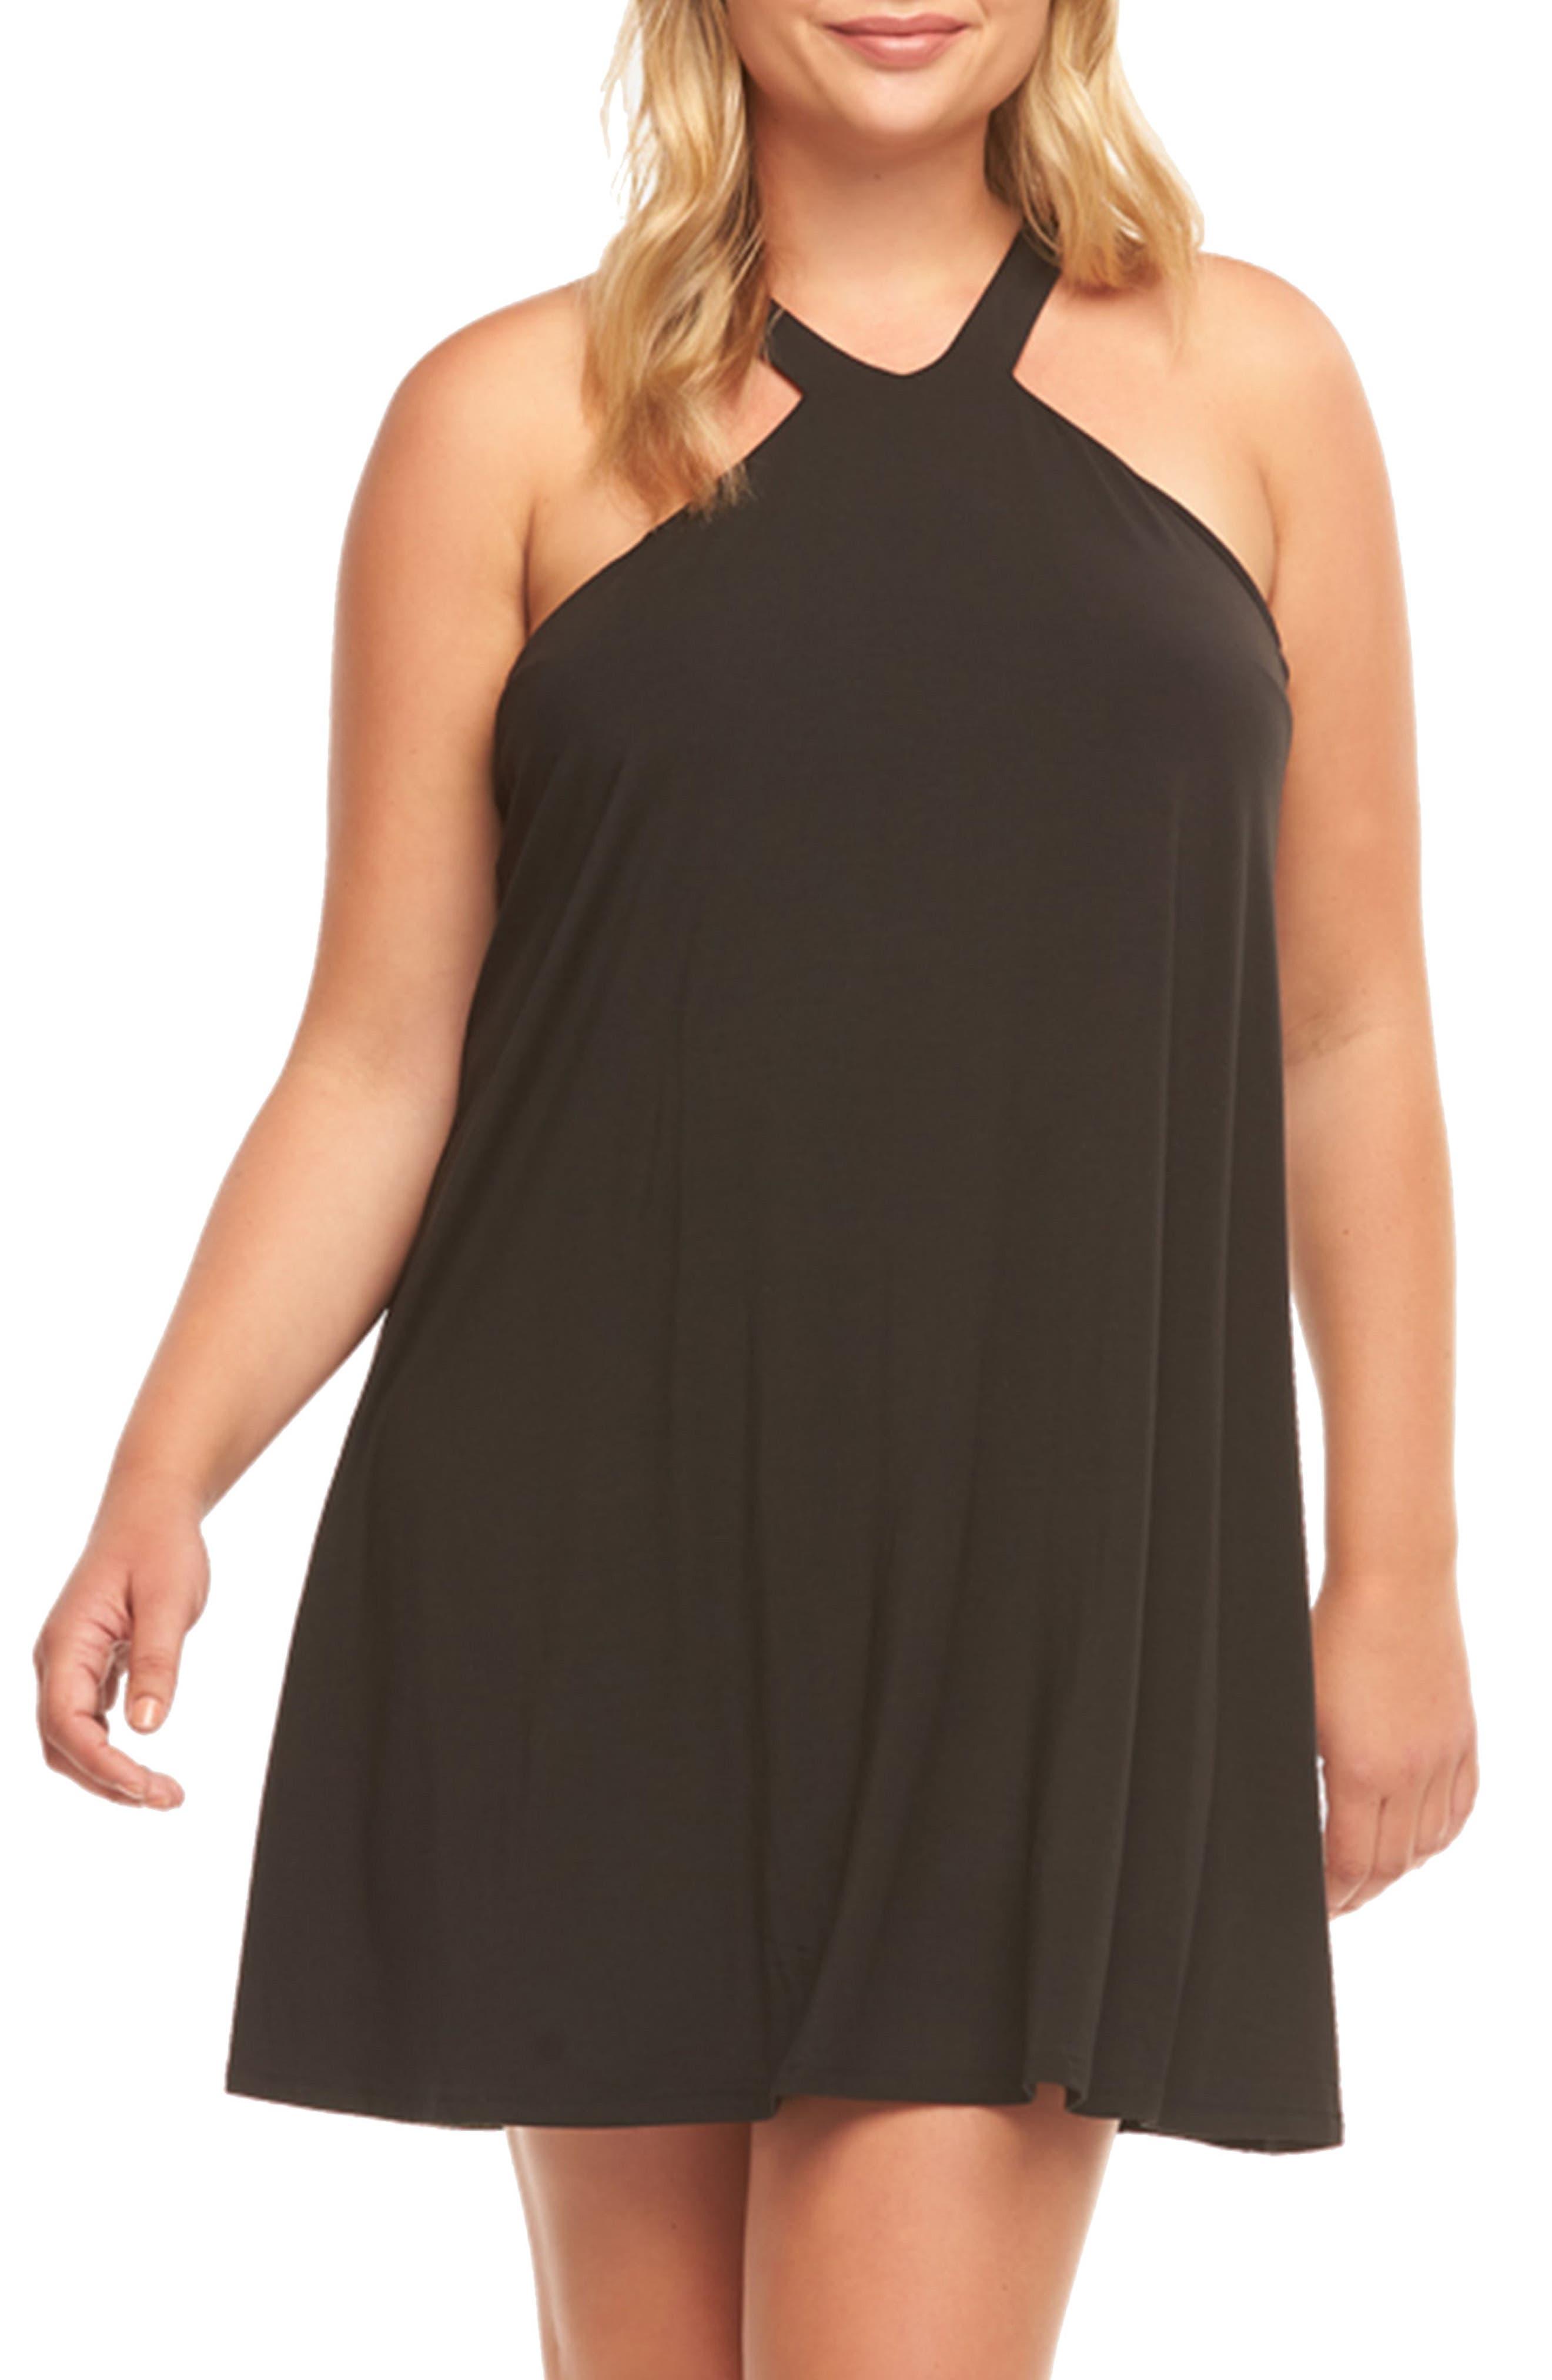 Rise Minidress,                         Main,                         color, Black